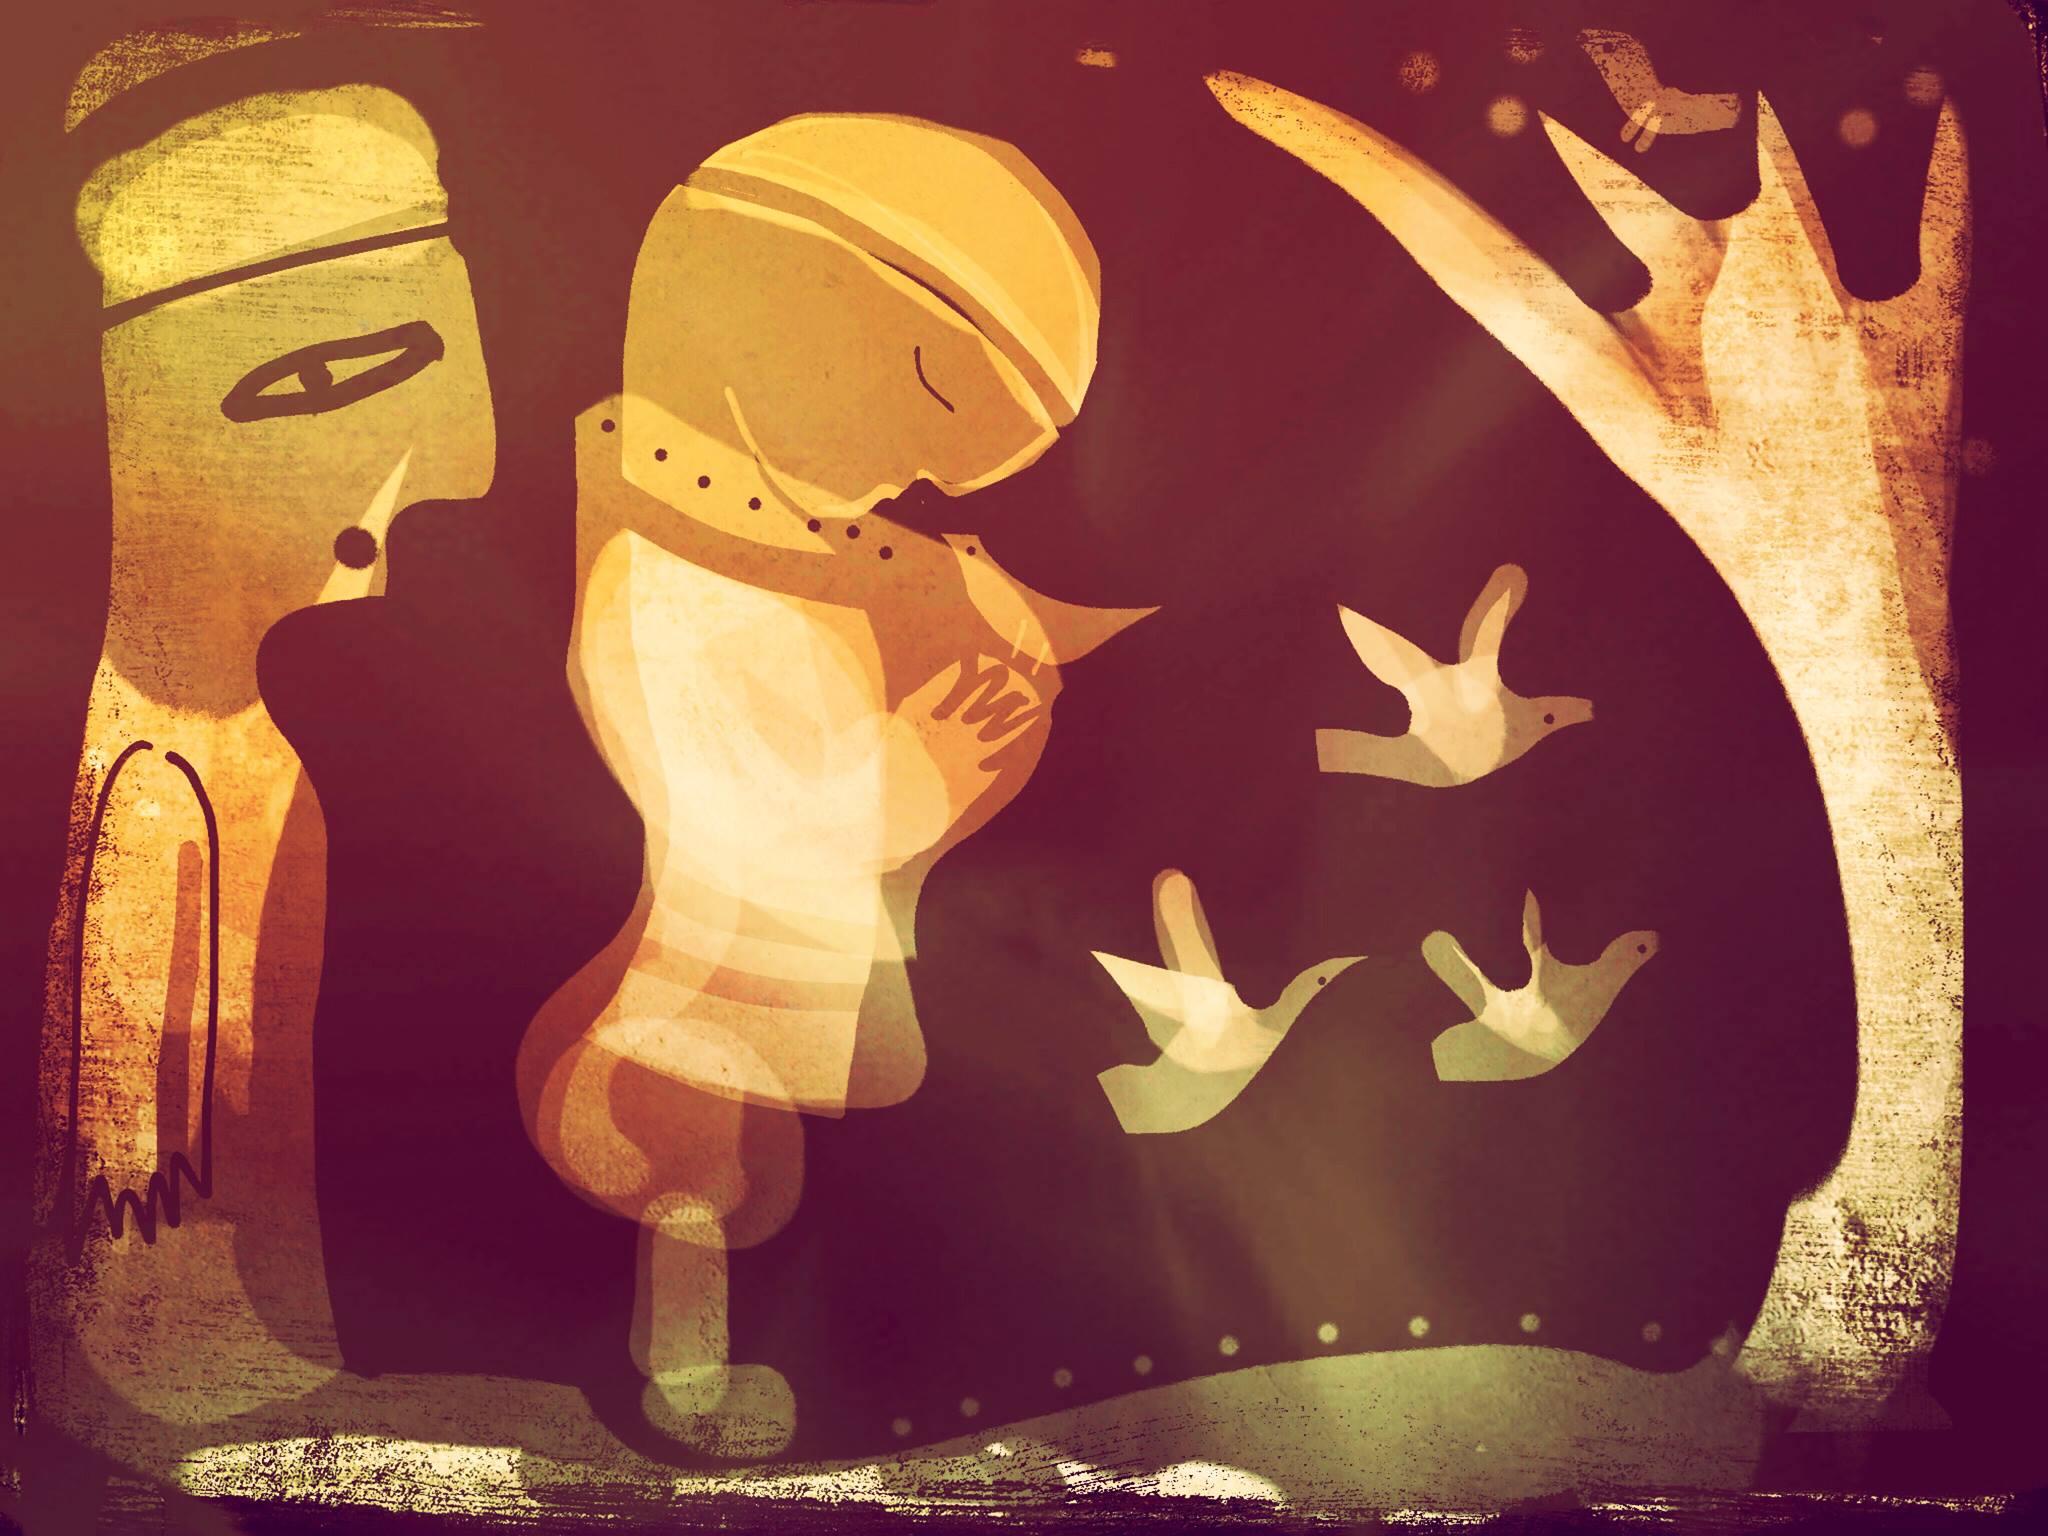 Krigarens döttrar, estnisk folksaga illustrerad av Malin Skinnar